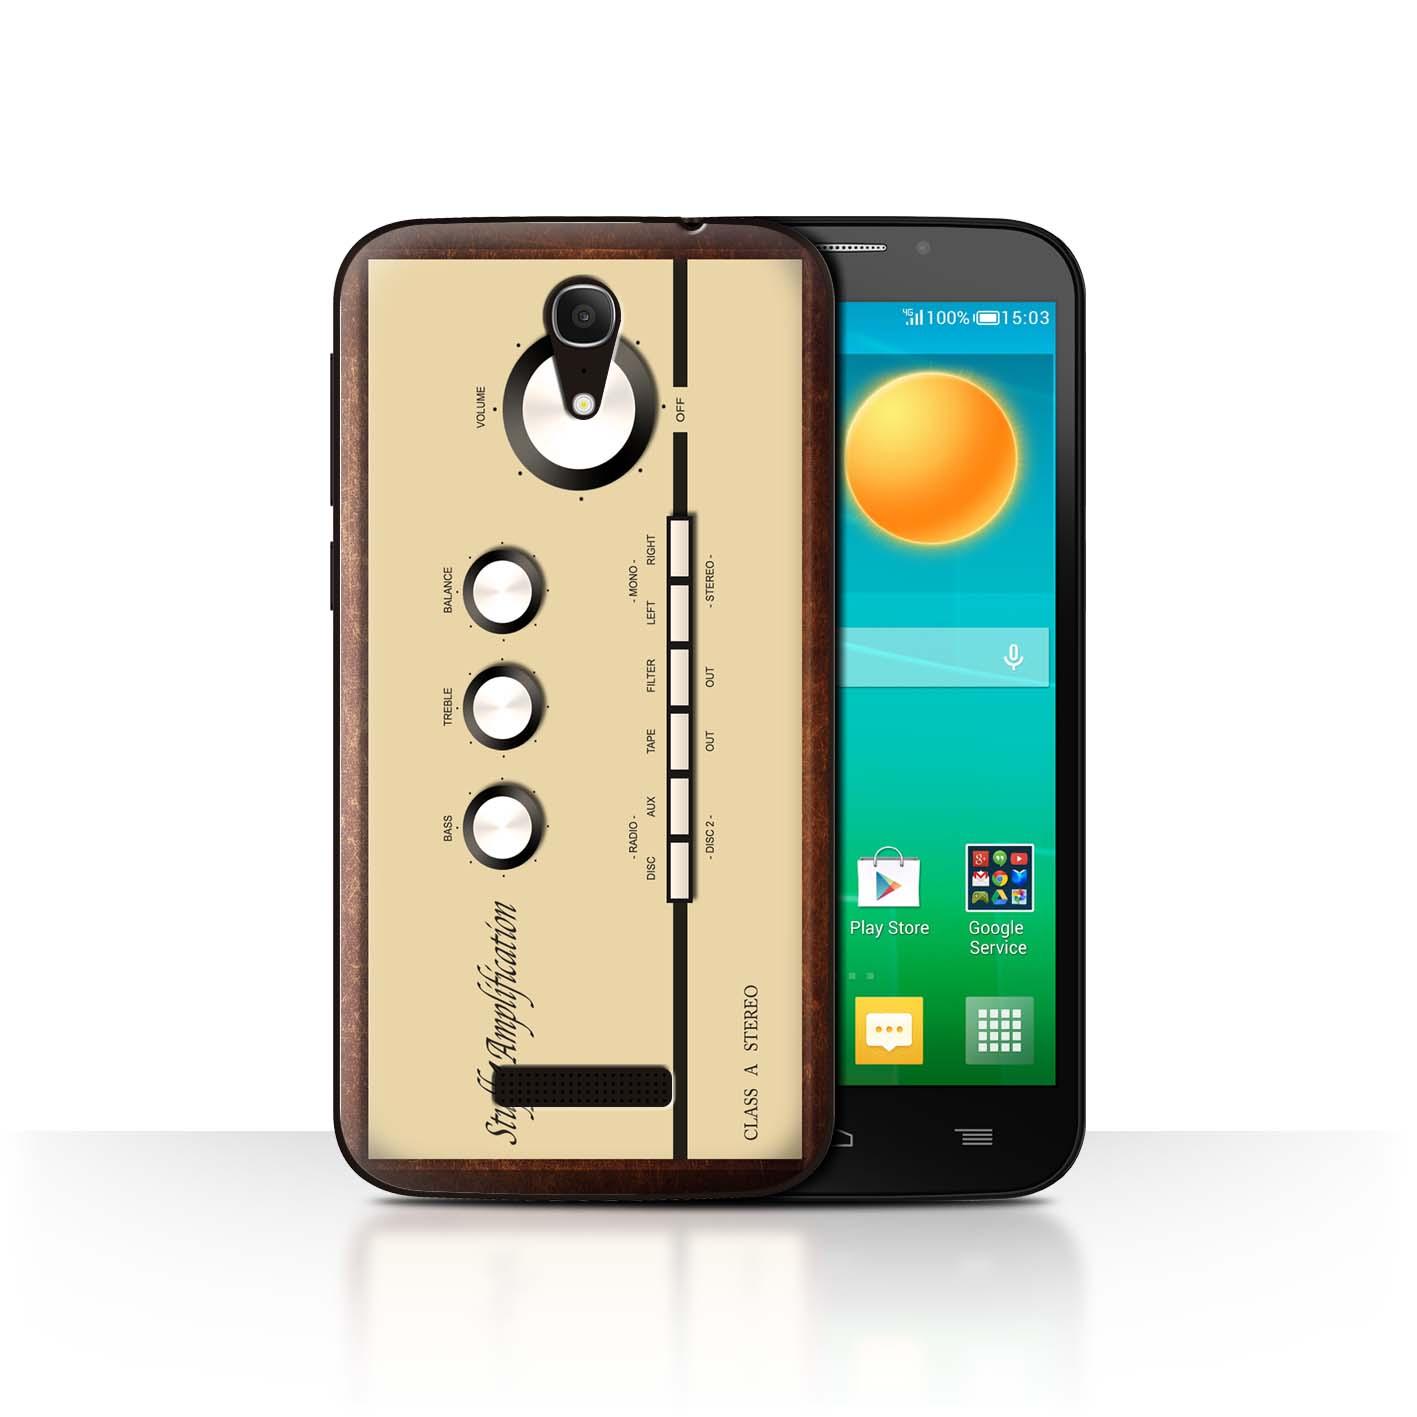 STUFF4-Back-Case-Cover-Skin-for-Alcatel-Pop-S7-Retro-Tech